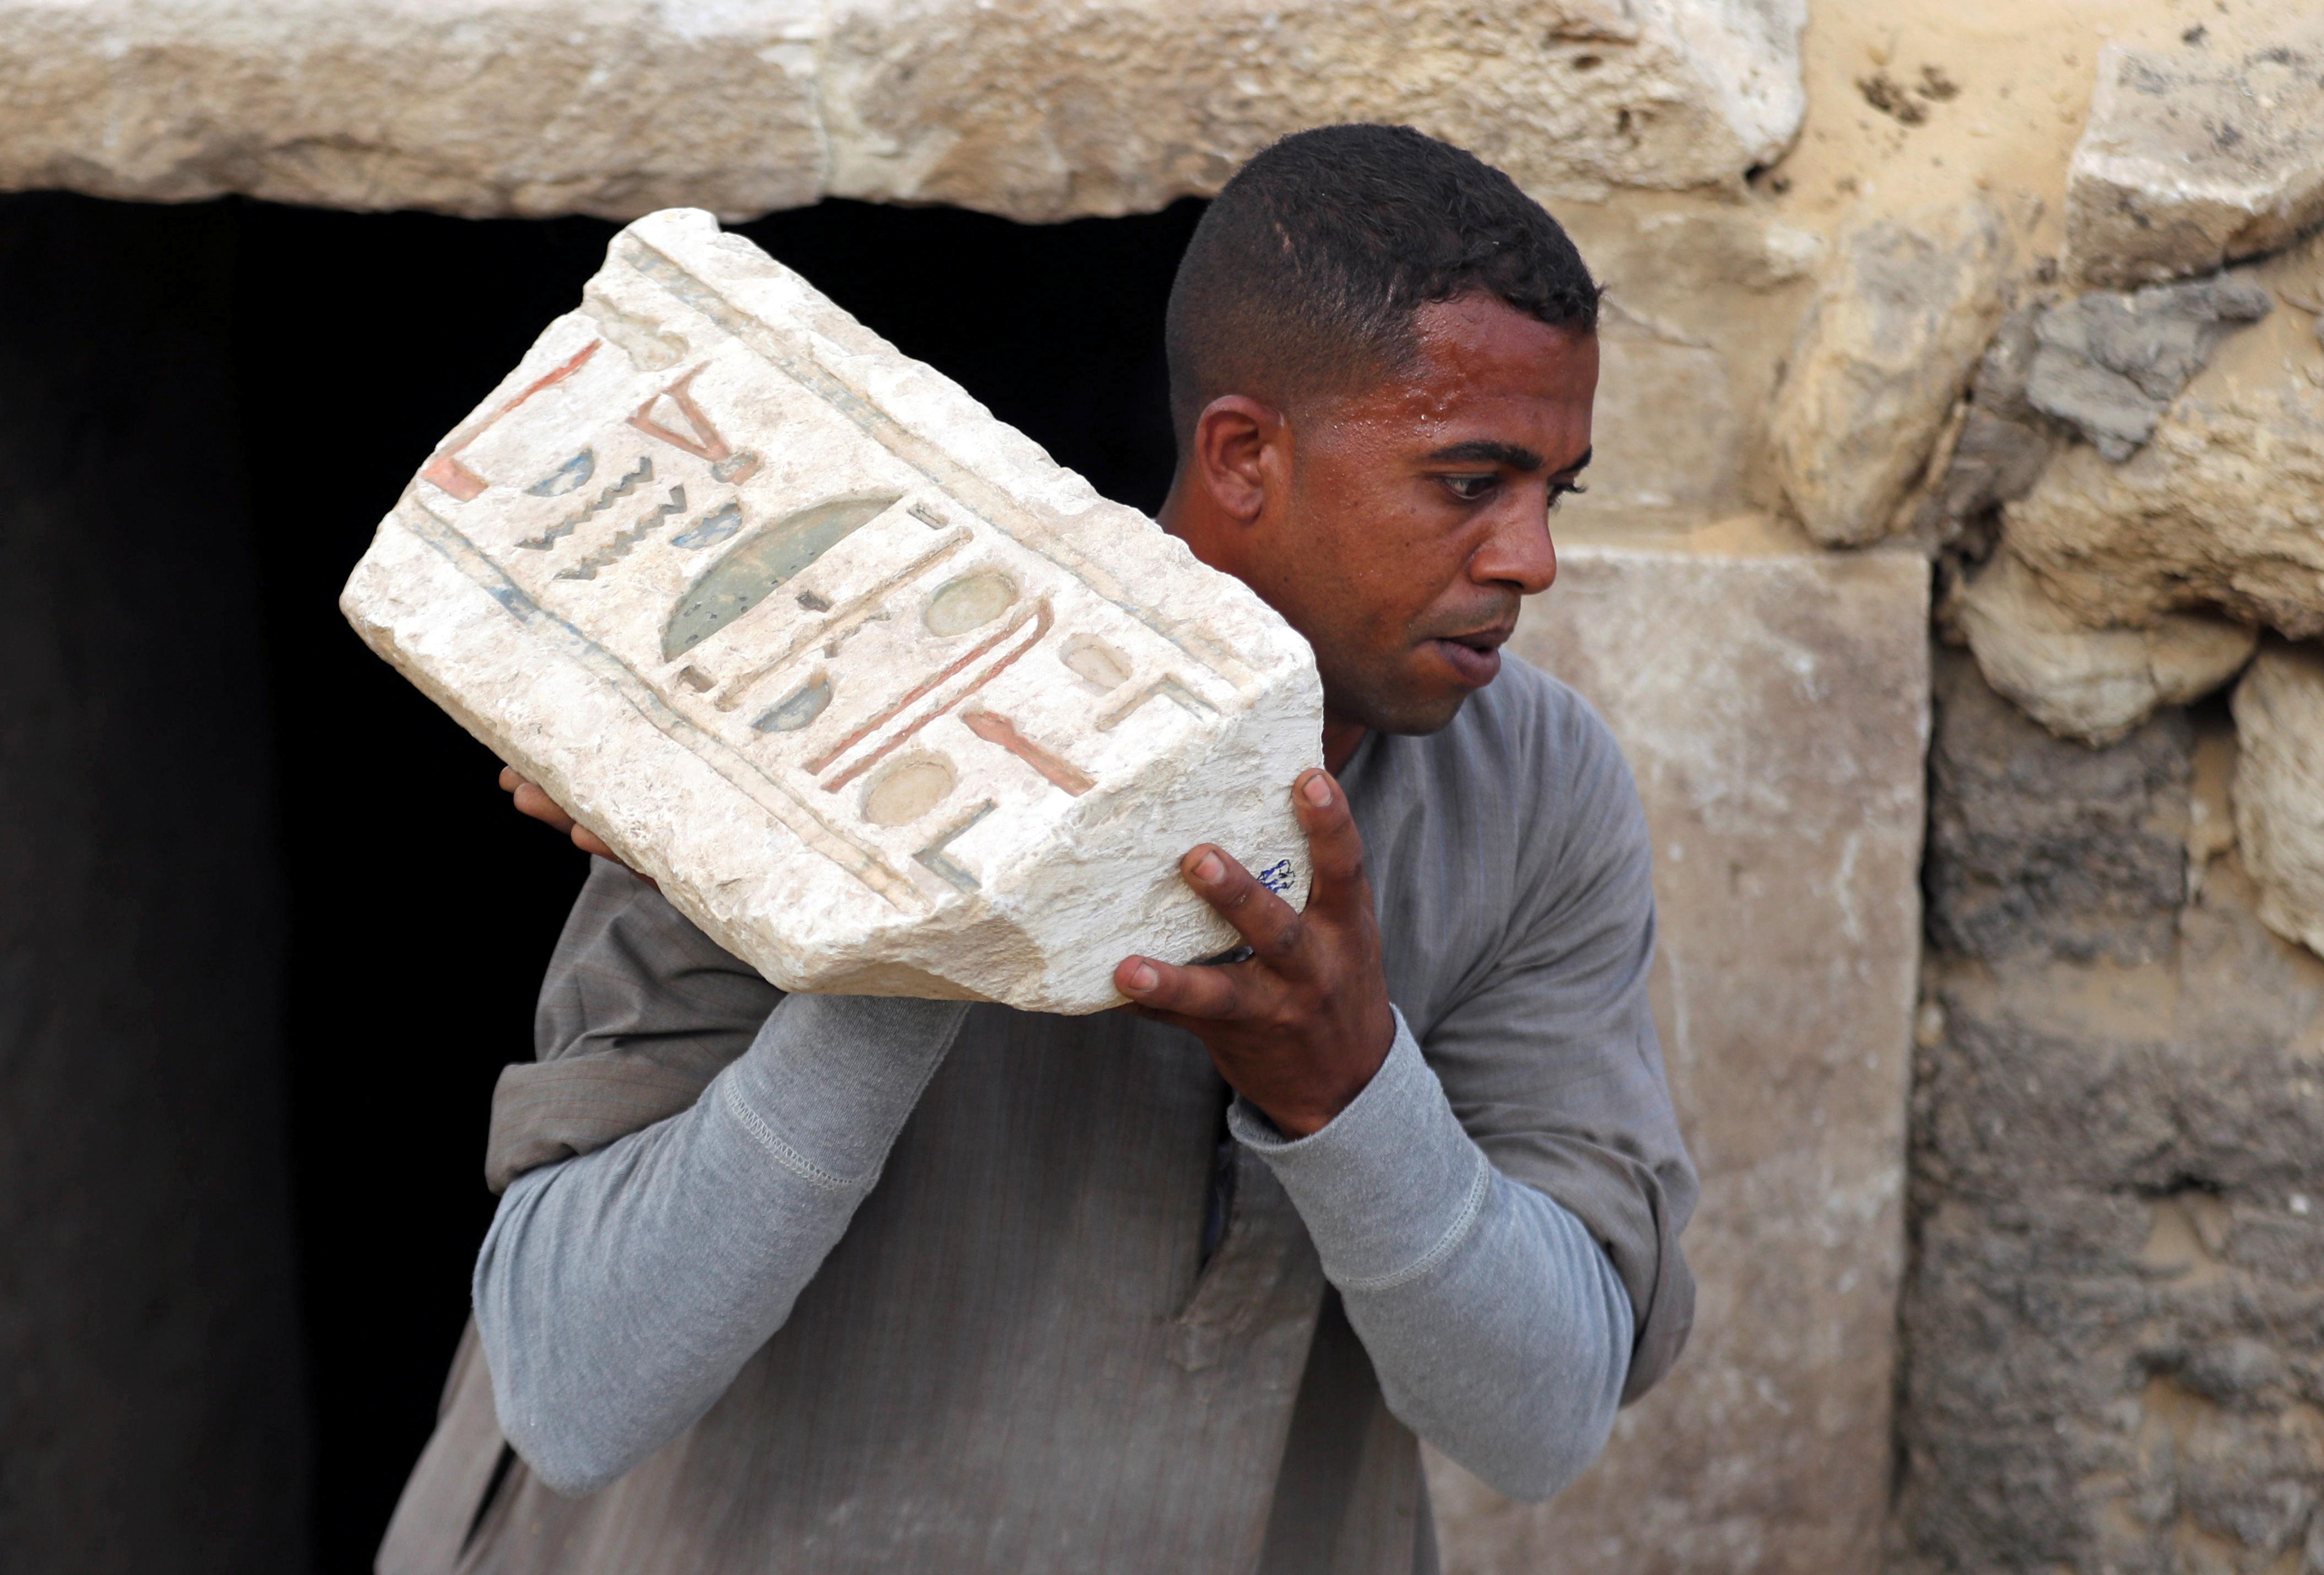 عامل يحمل قطعة آثرية في الاكتشاف الأثري الجديد في منطقة سقارة